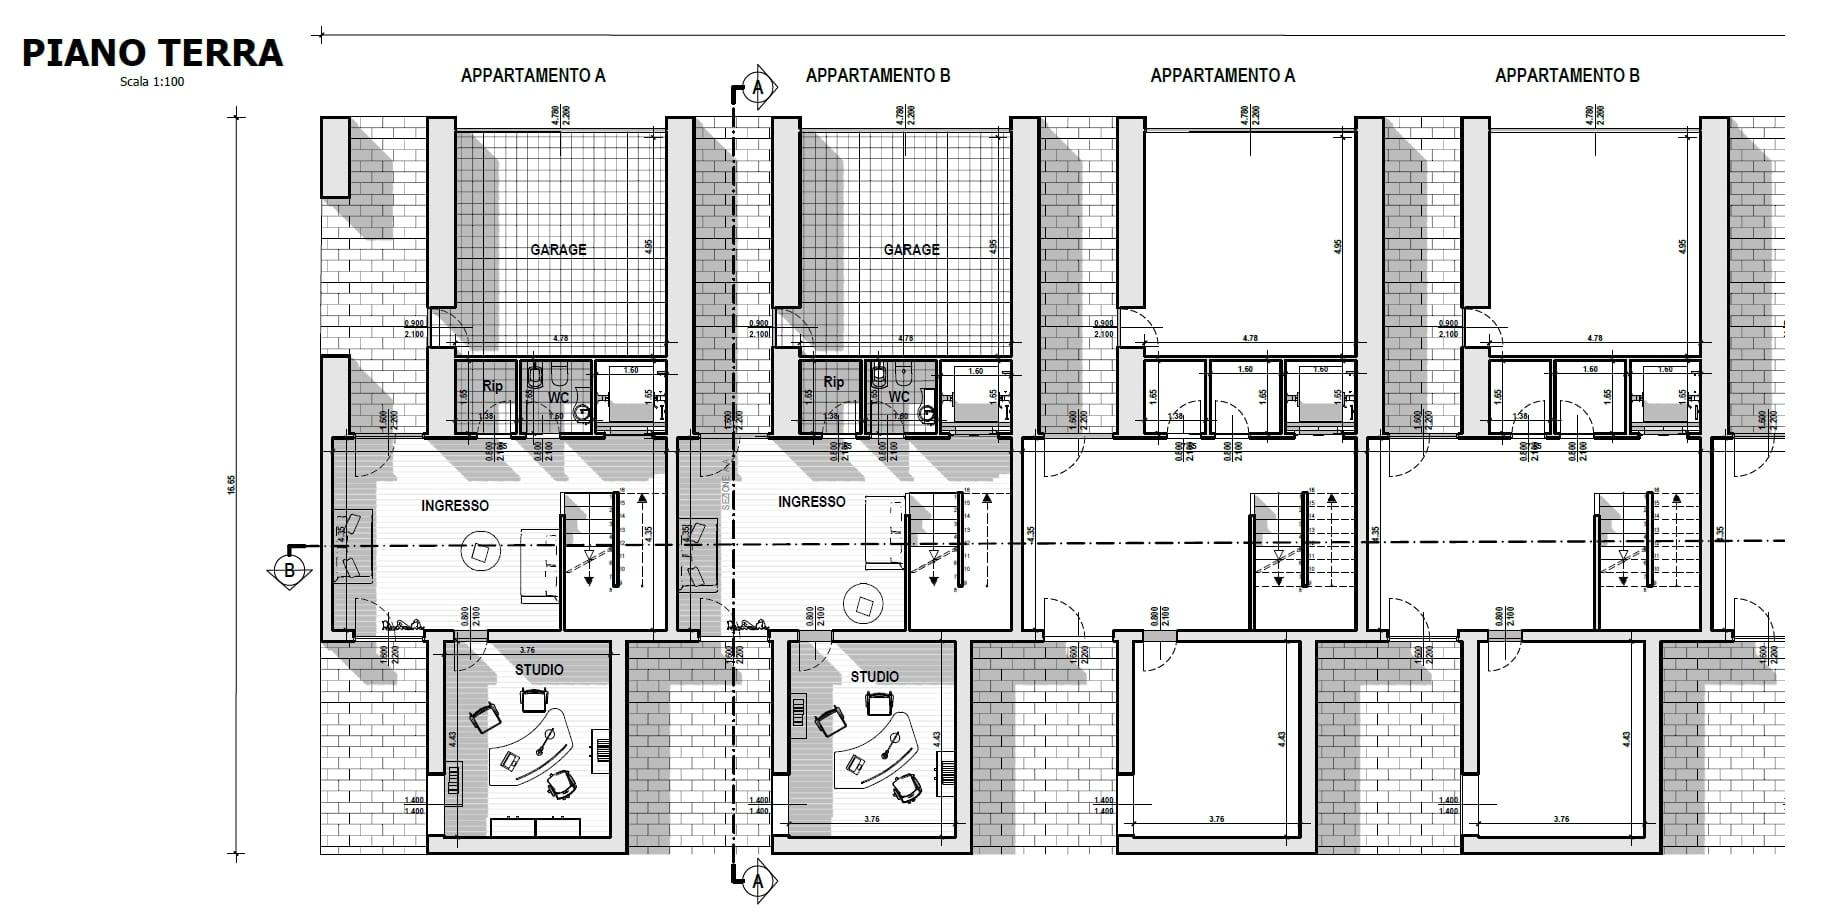 126 disegnare piante di appartamenti case a schiera di for Architetti on line gratis